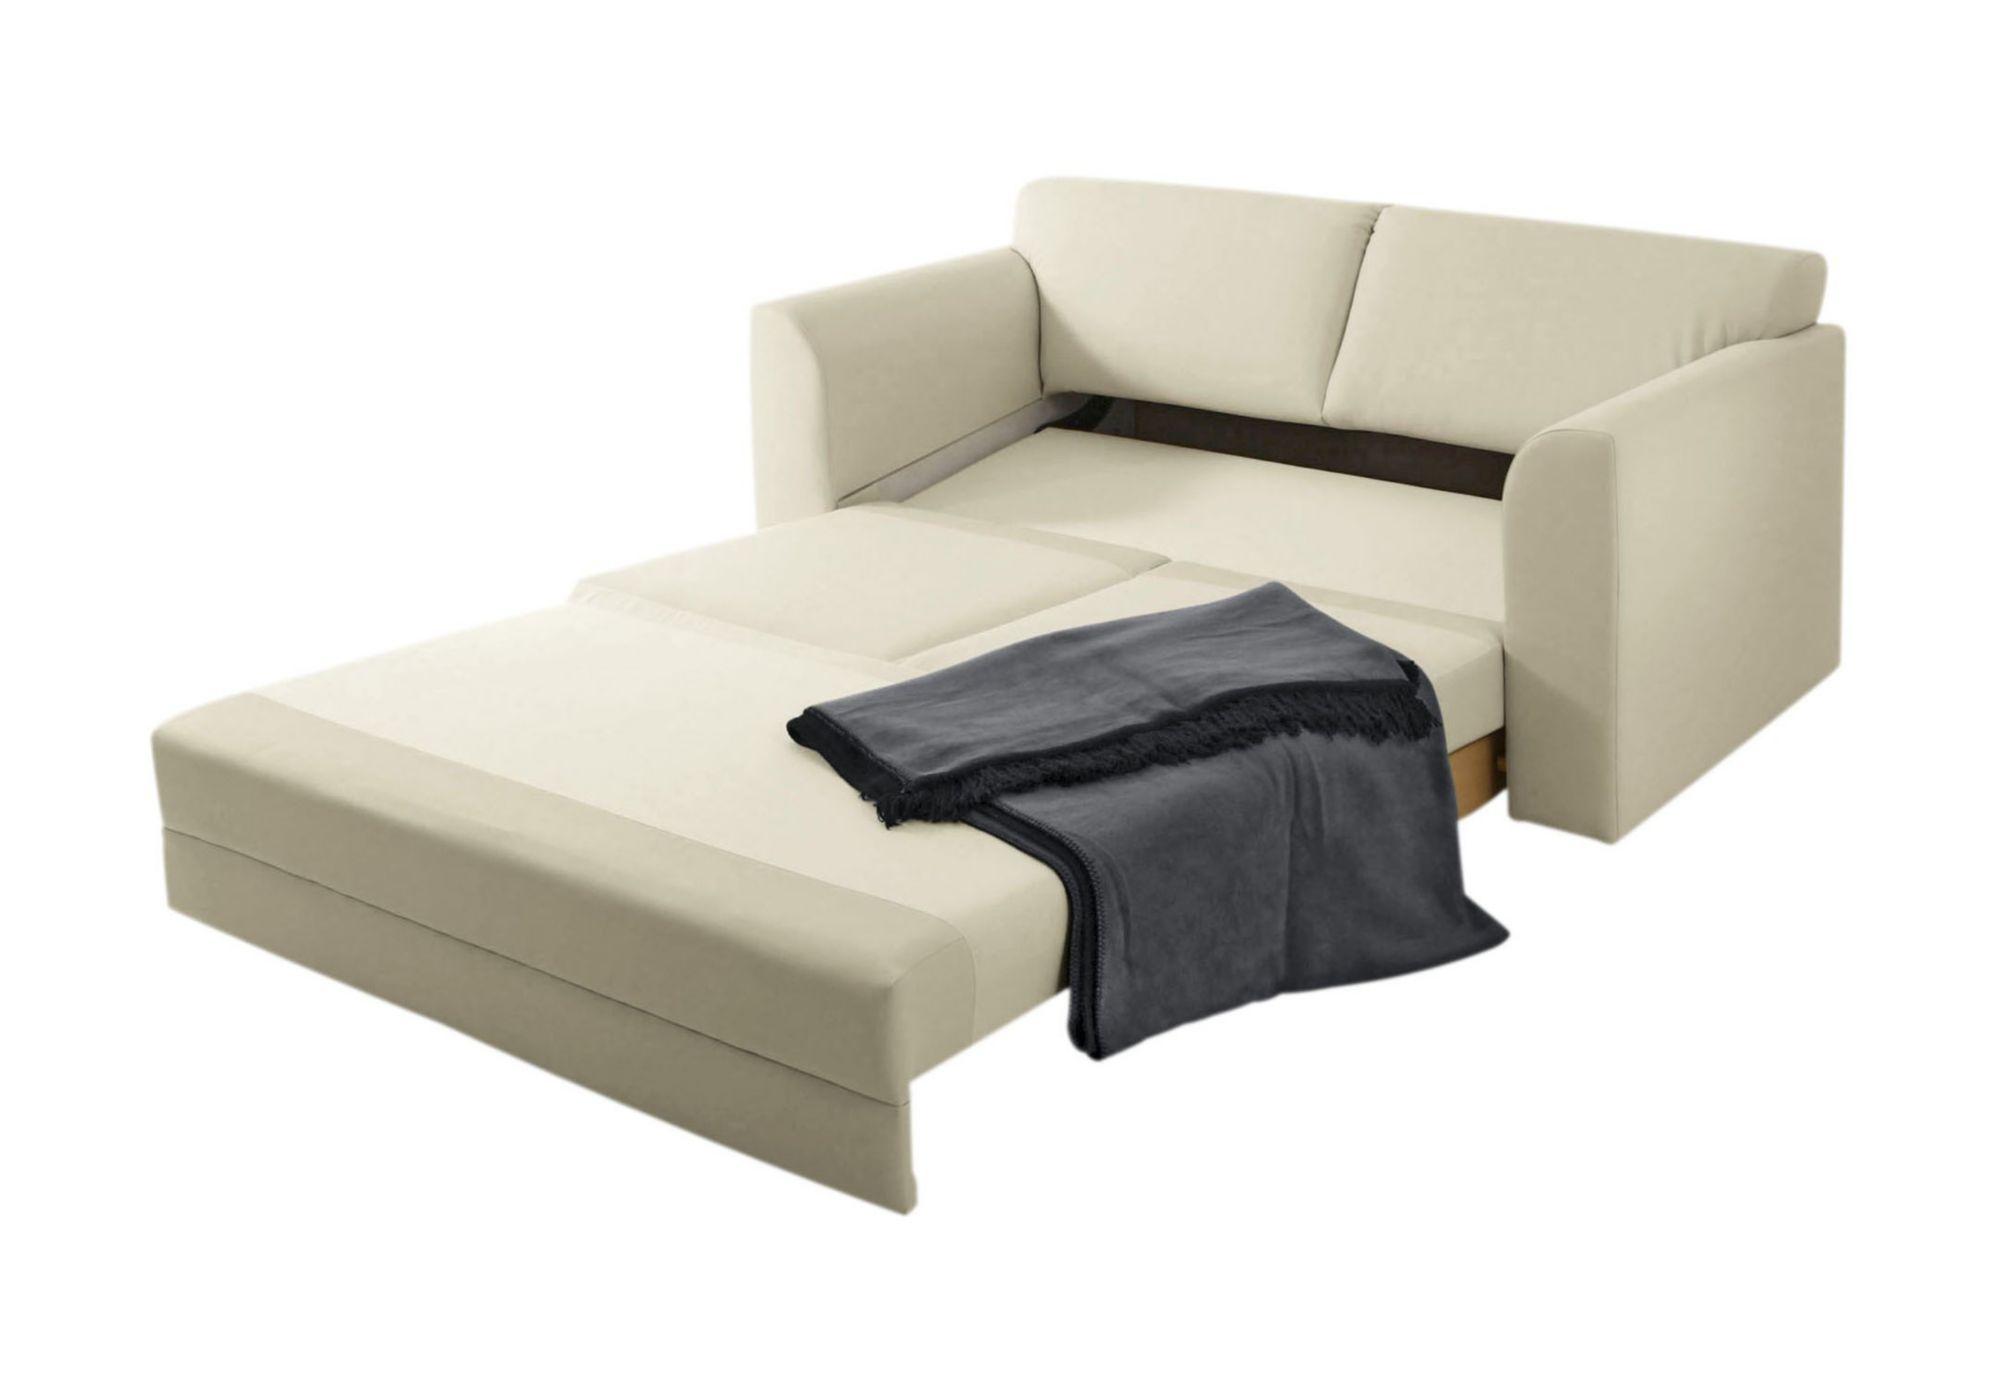 Schlafsofa g nstig online kaufen beim schwab versand for Schlafsofa holzgestell